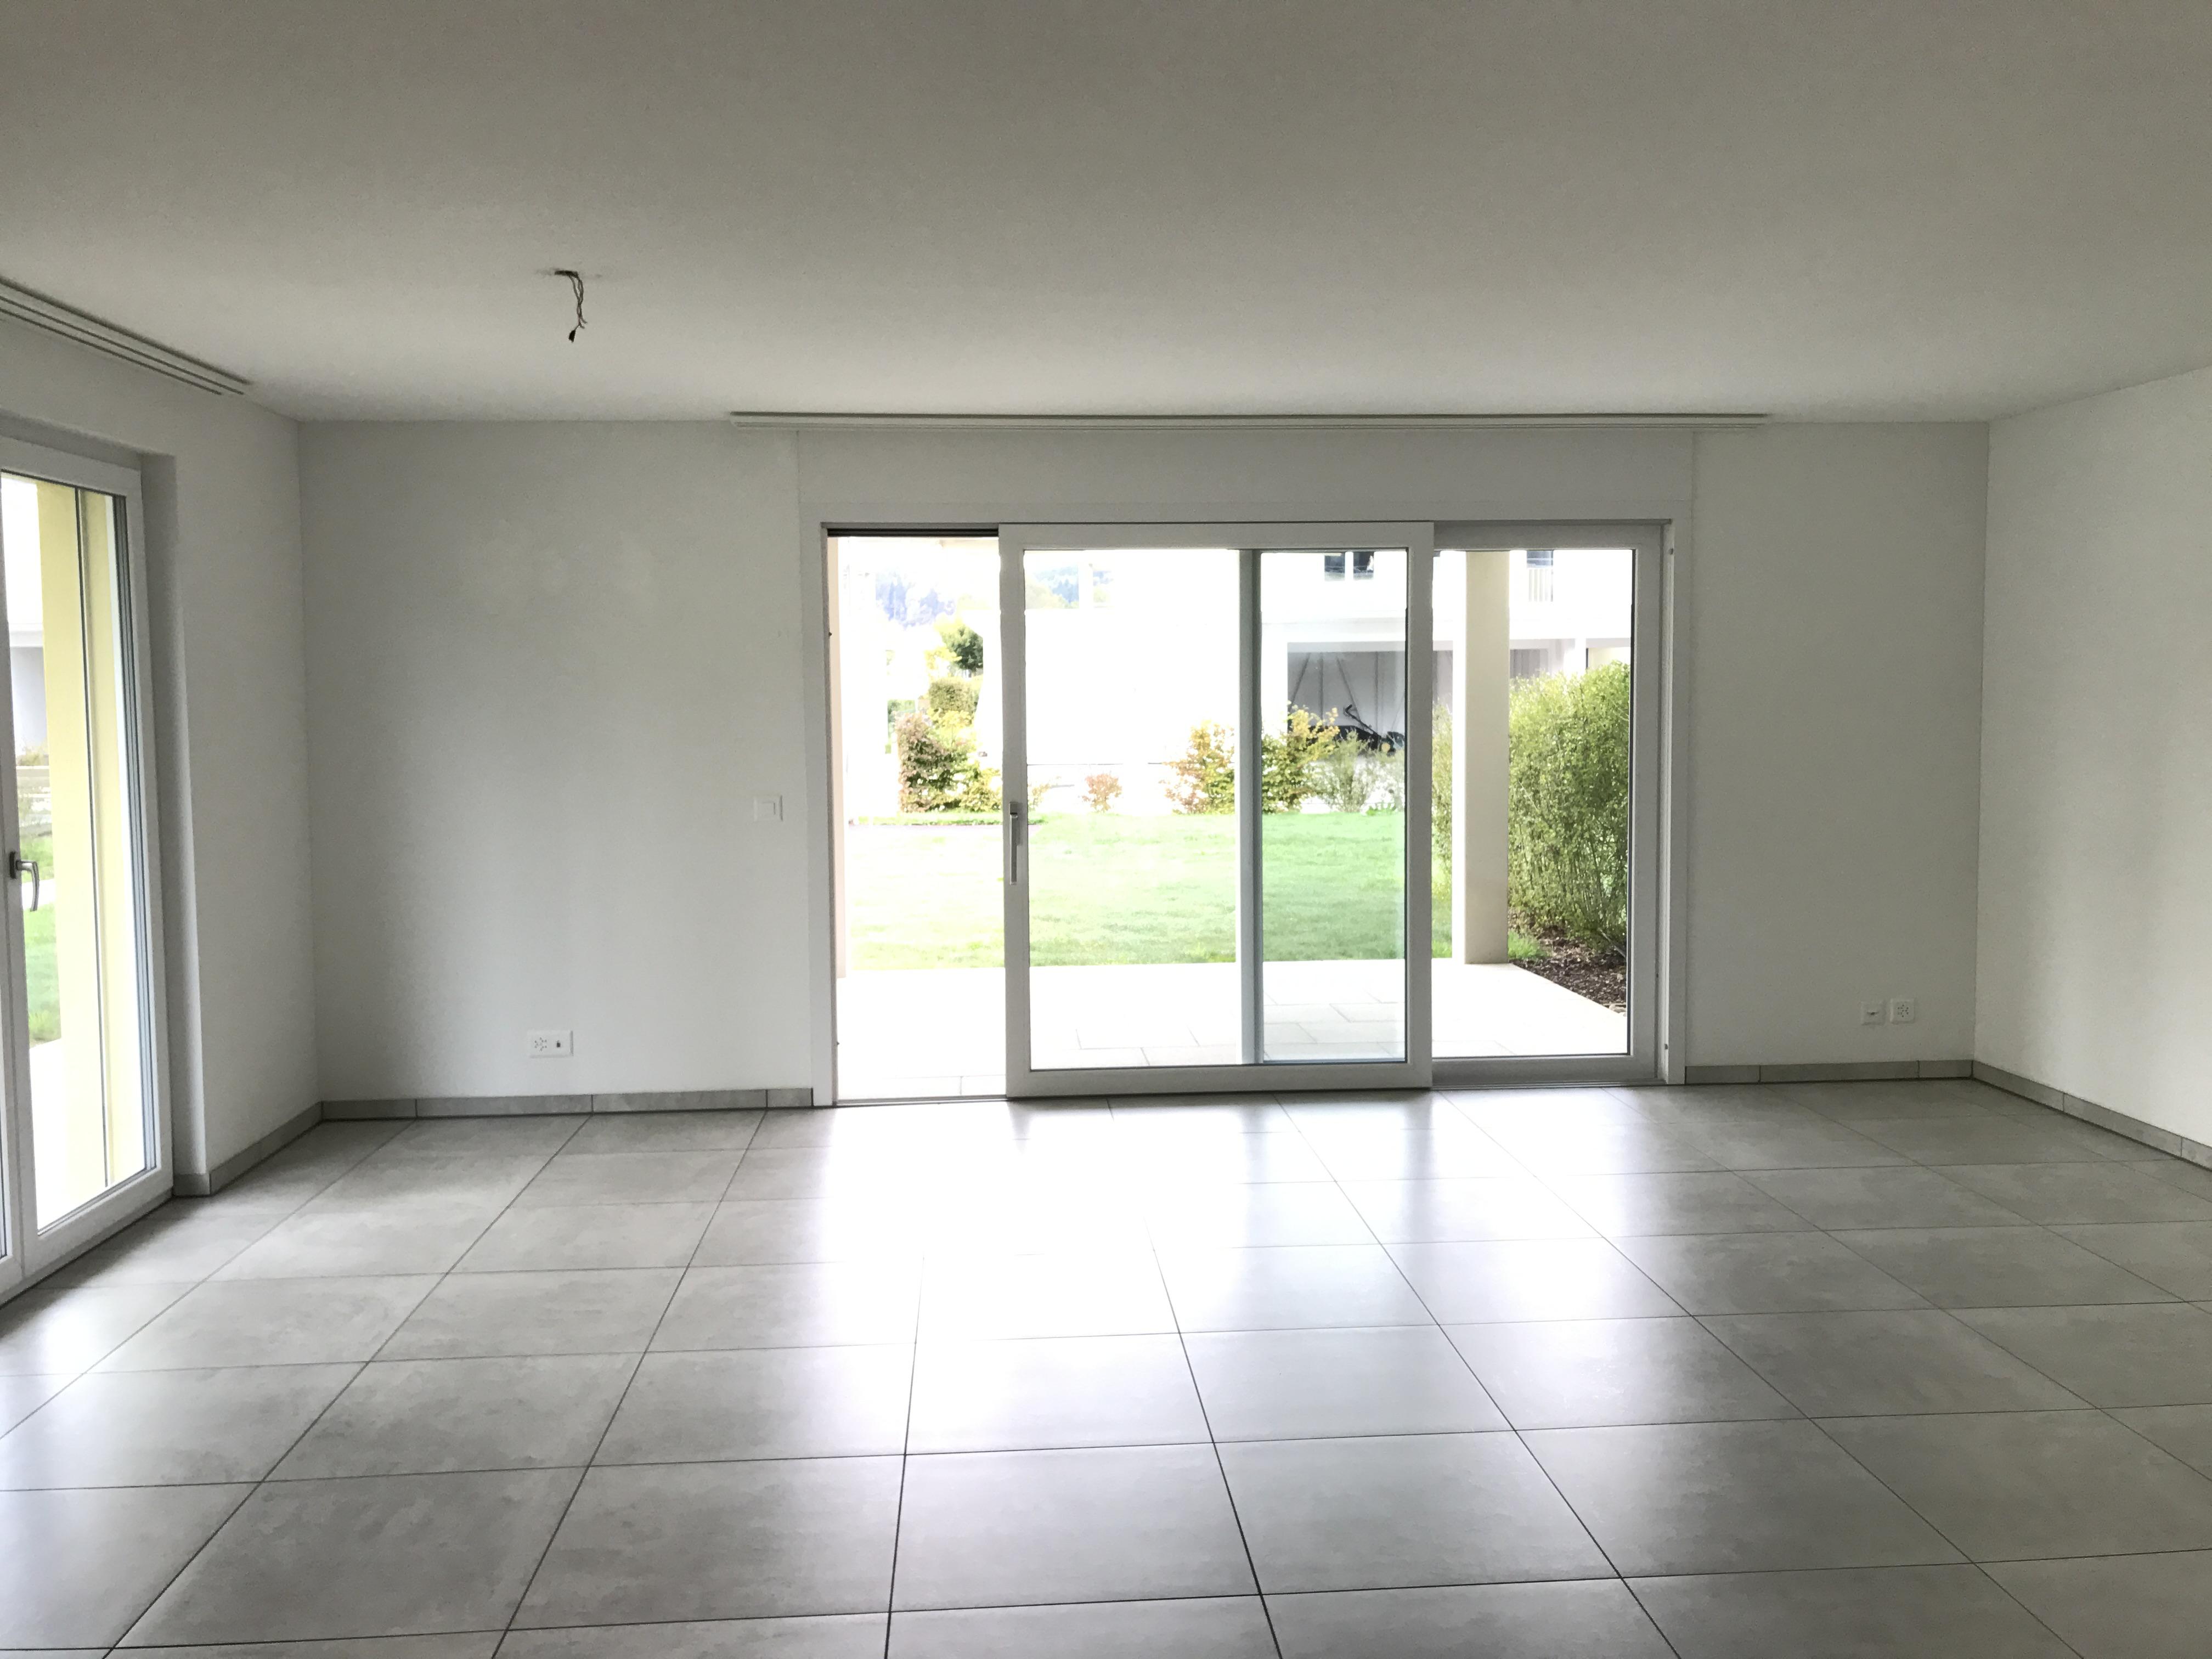 Wohnung 1.3, EG, Fischerweg 26